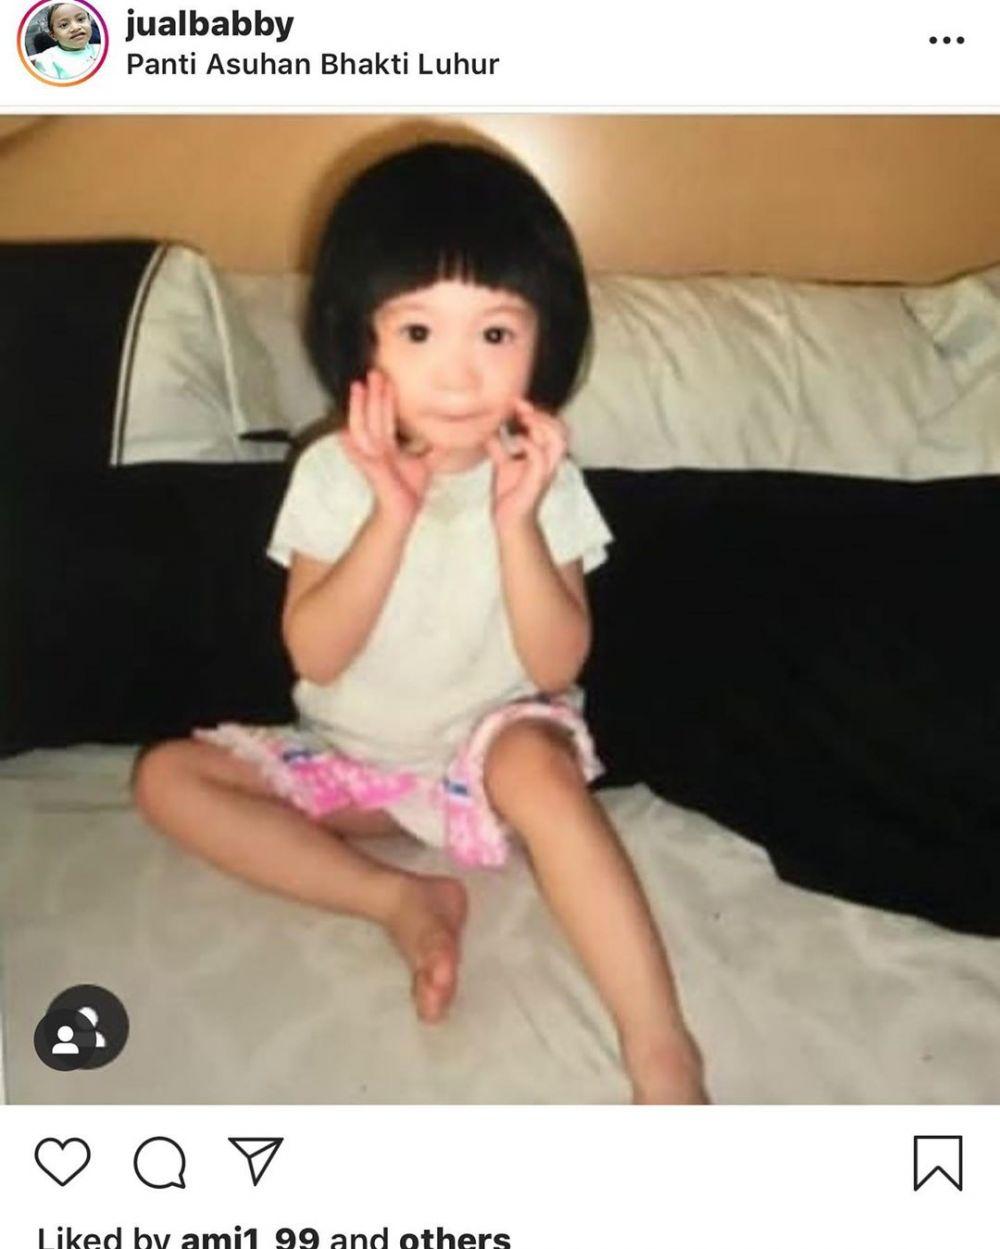 lee jeong hoon marah foto sang anak masuk akun jual beli instagram